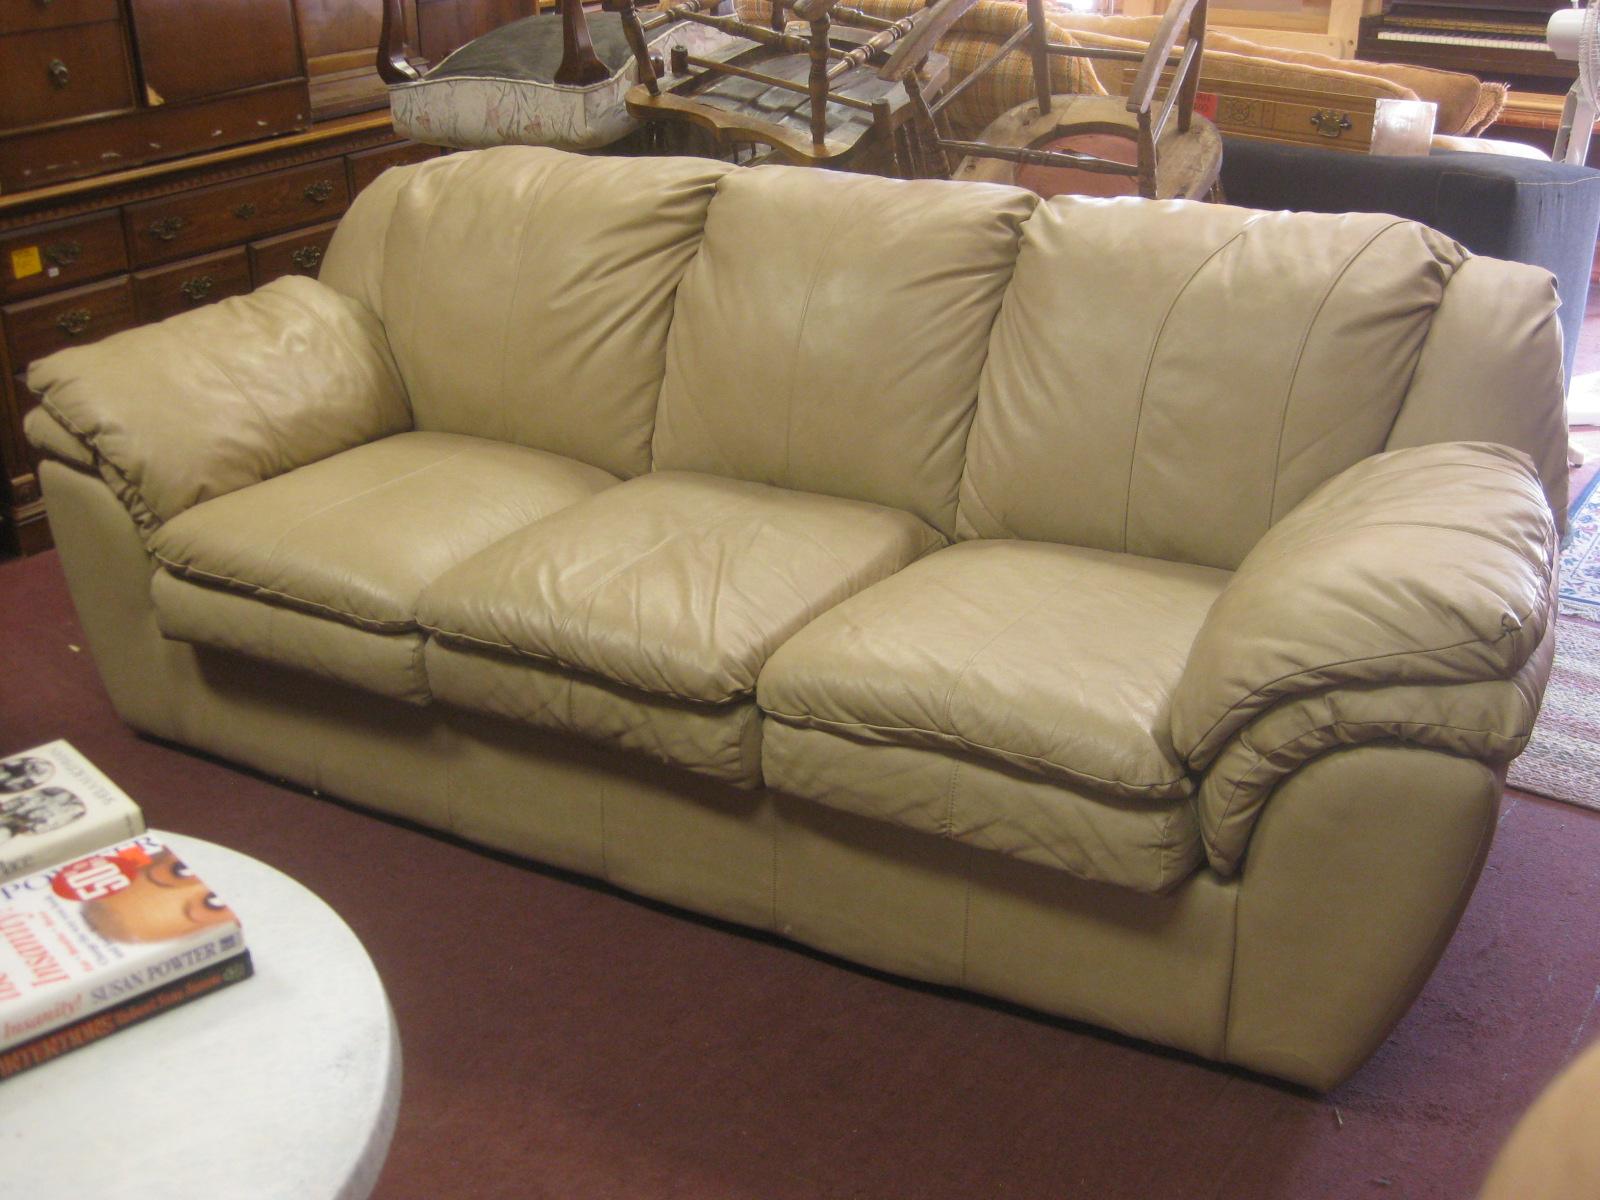 UHURU FURNITURE & COLLECTIBLES SOLD Tan Leather Sofa $250